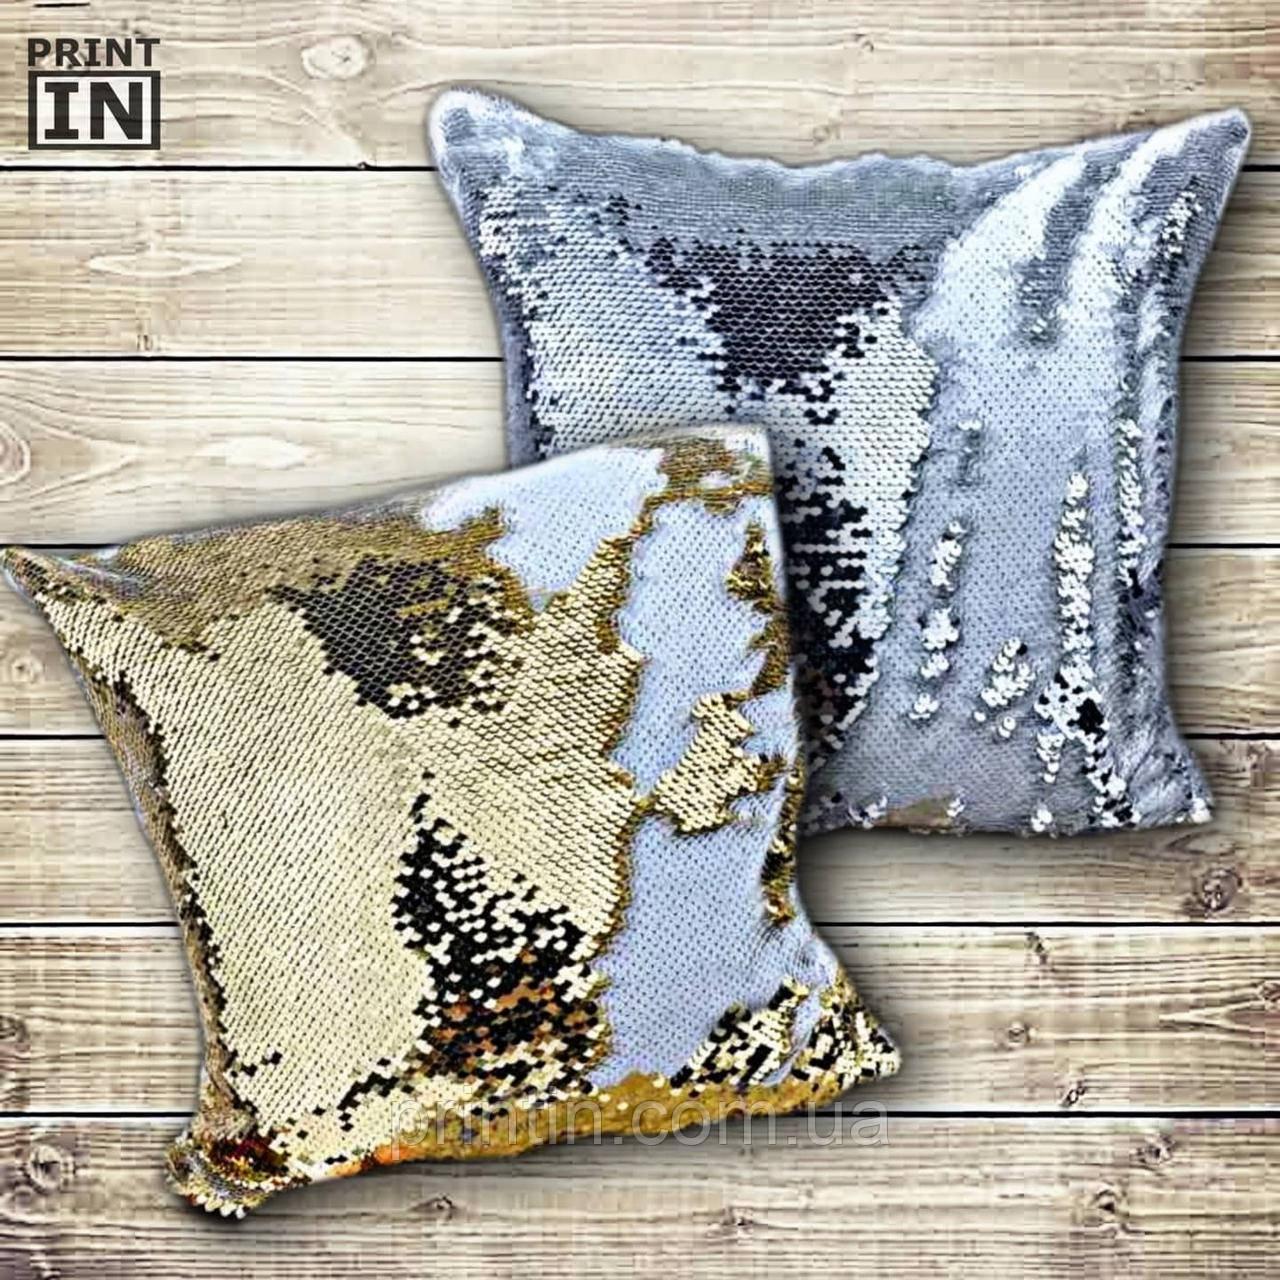 Печать на подушке с паетками